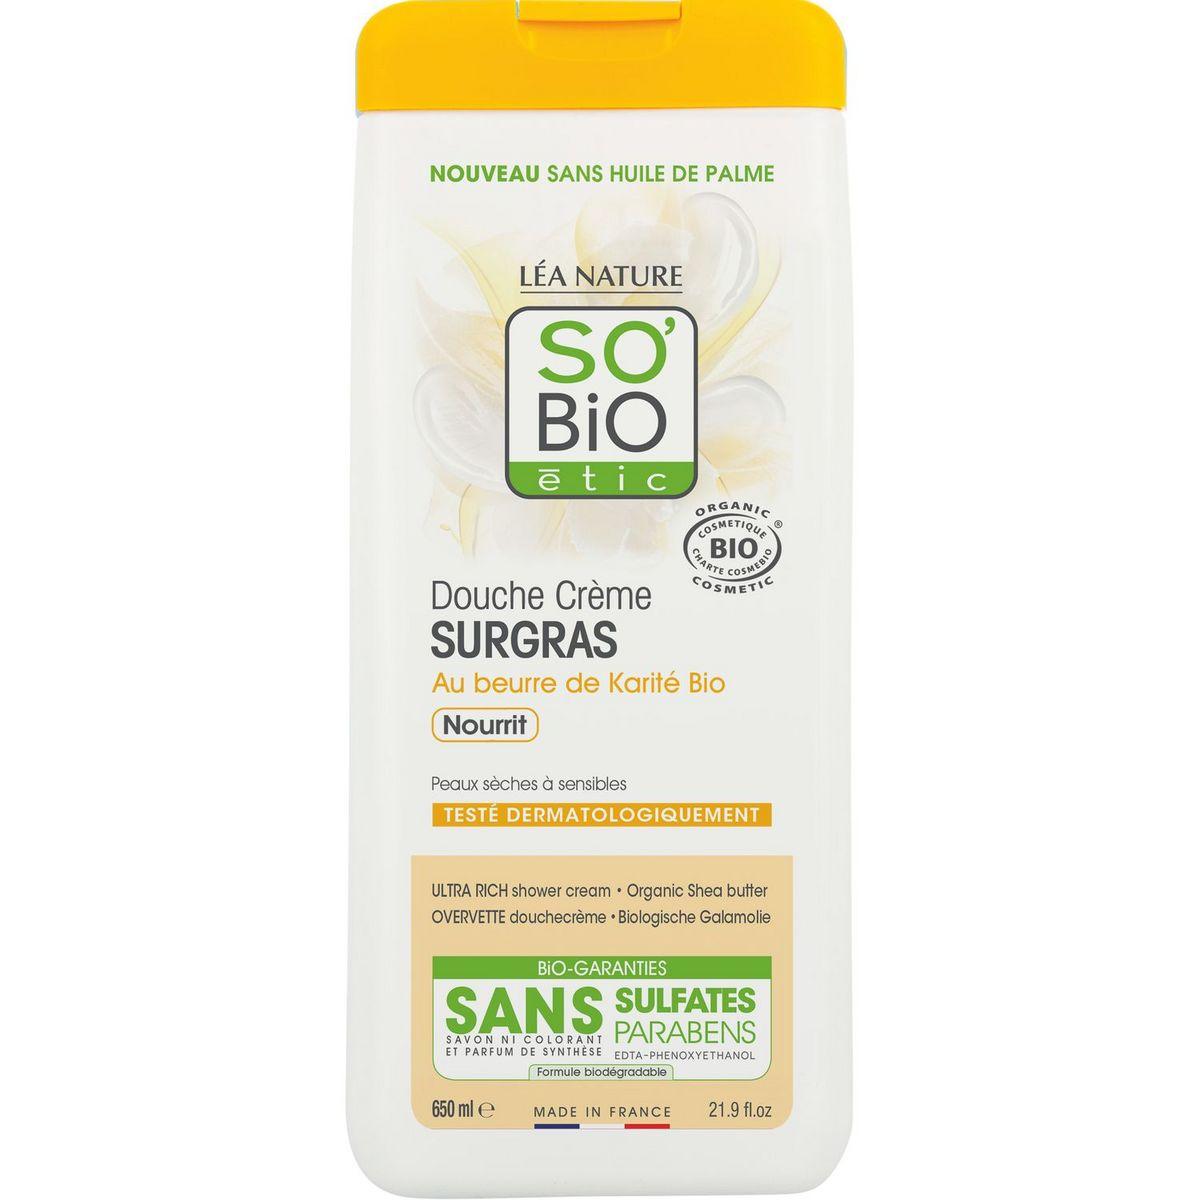 So Bio Etic Douche crème bio karité peaux sèches et sensibles 650ml